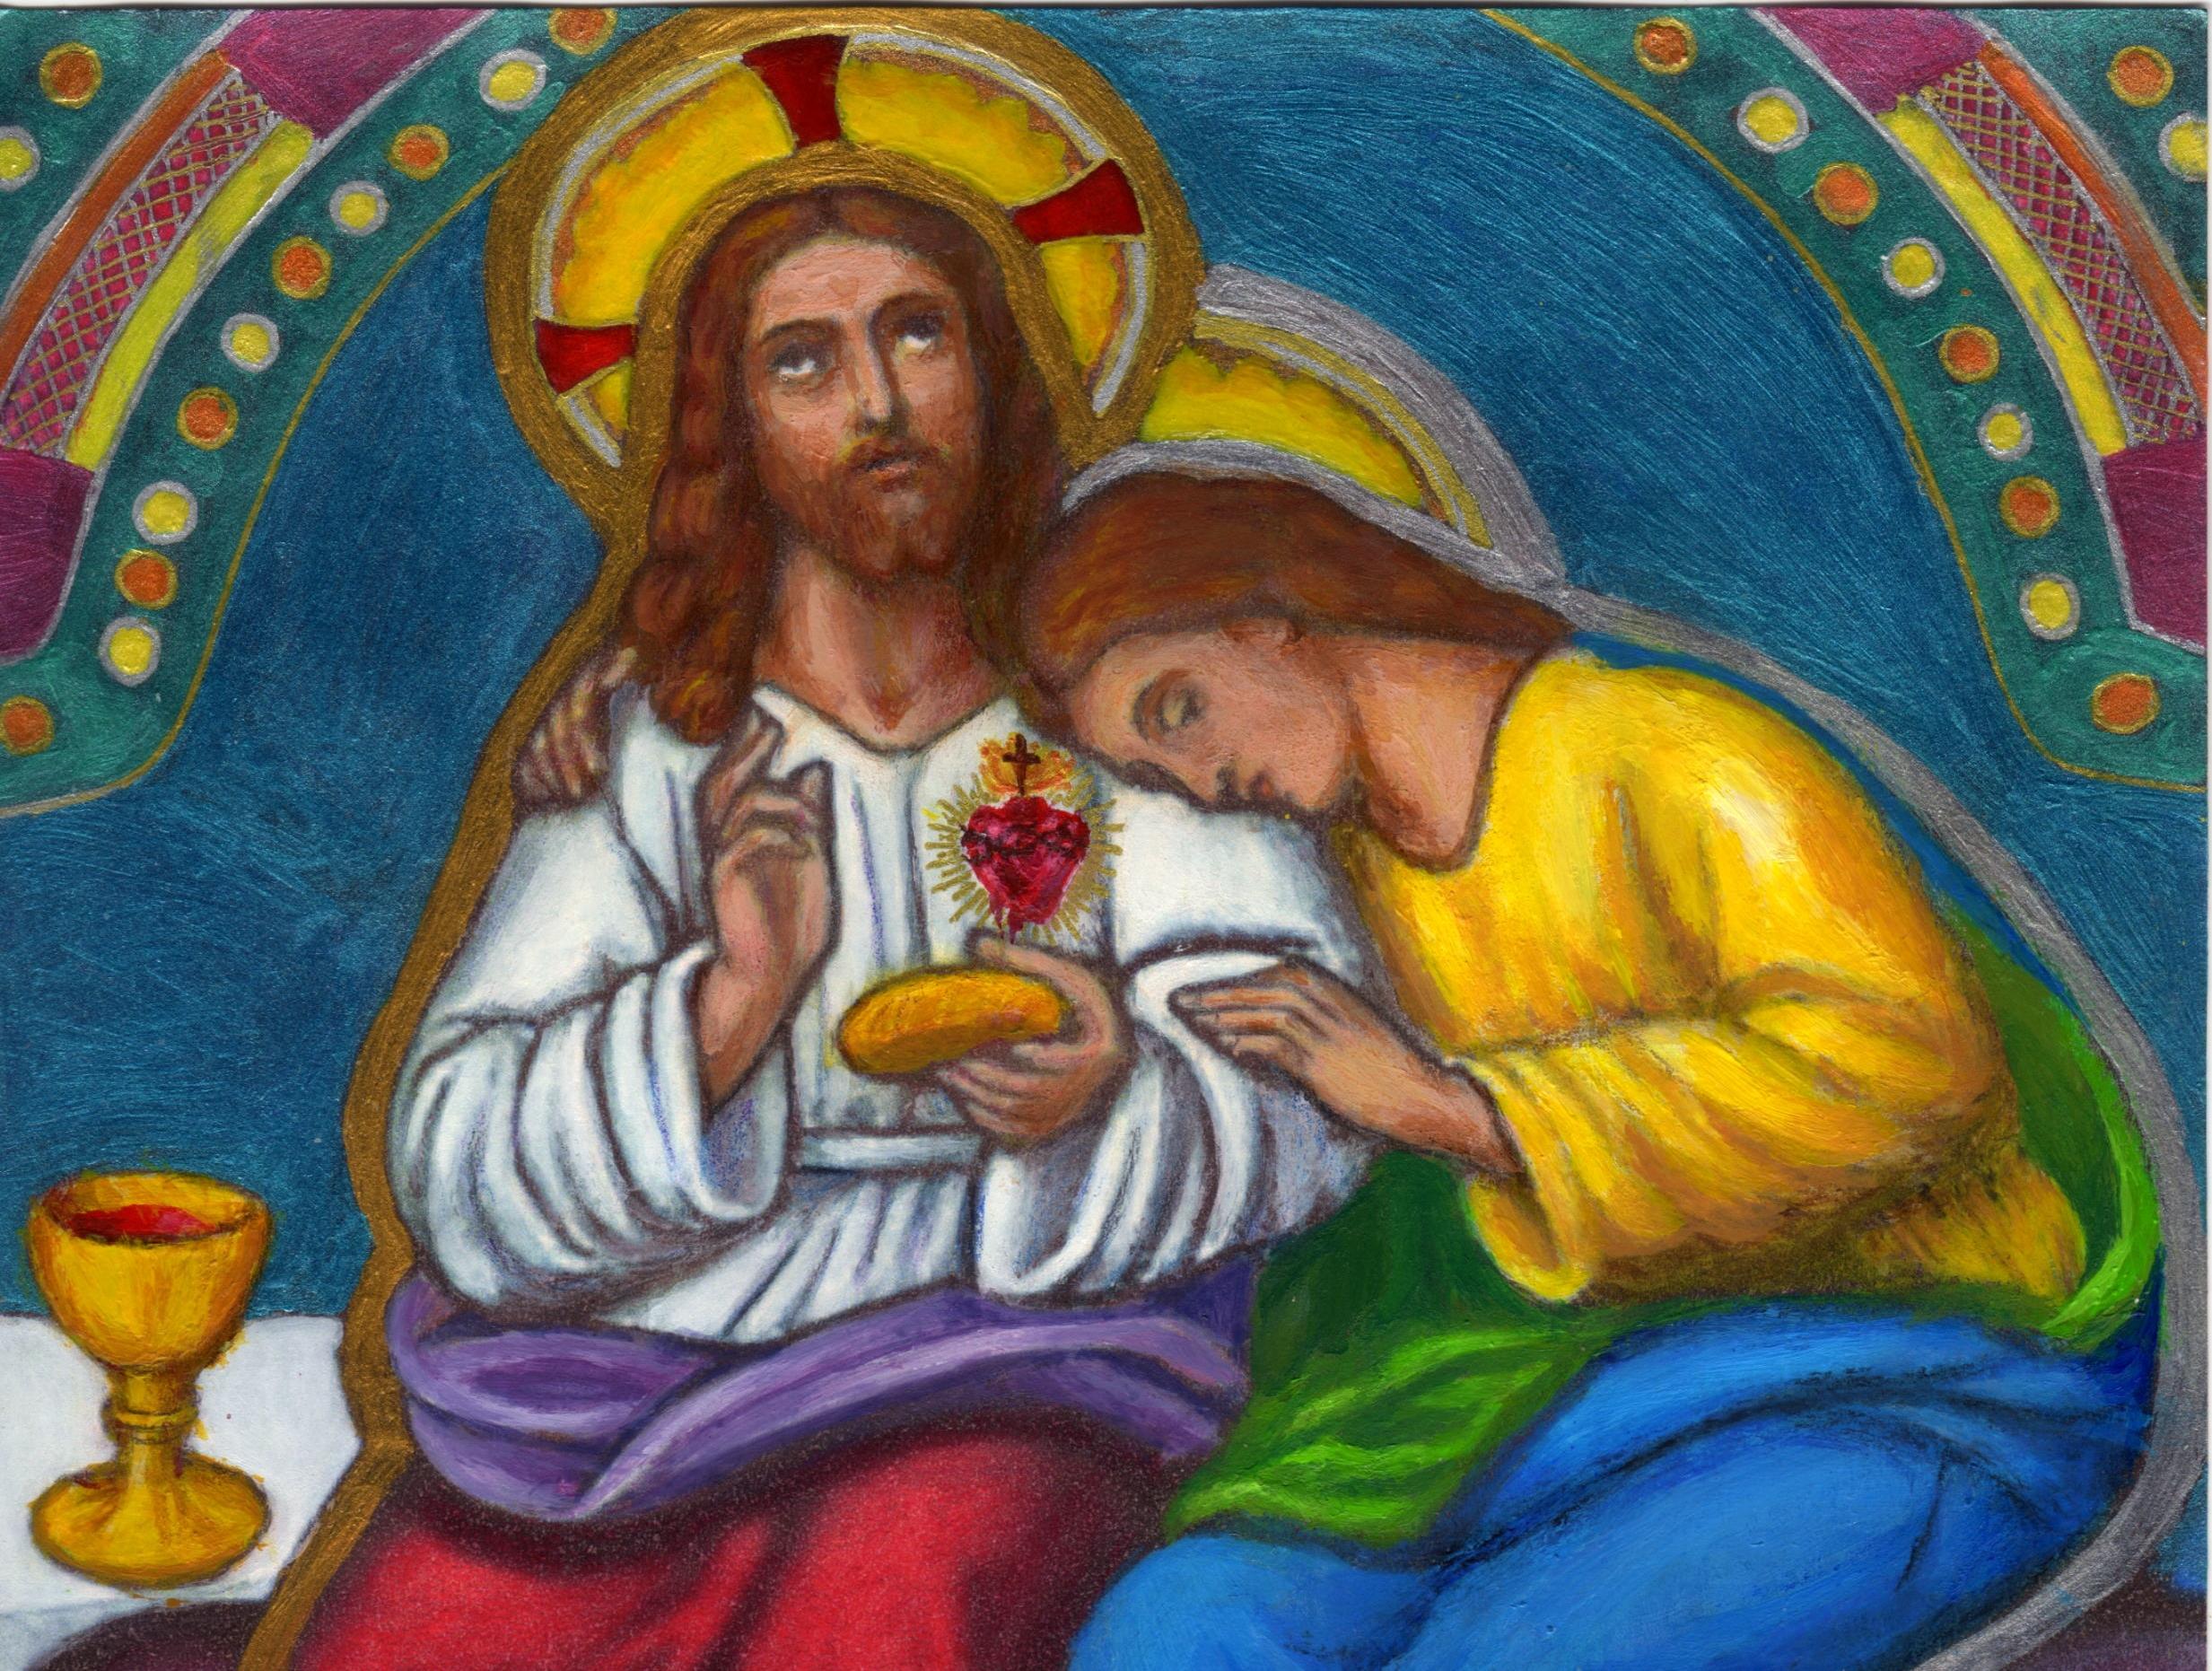 CALENDRIER CATHOLIQUE 2020 (Cantiques, Prières & Images) - Page 10 St-jean-reposant-...-re-c-ne-55e0e6f